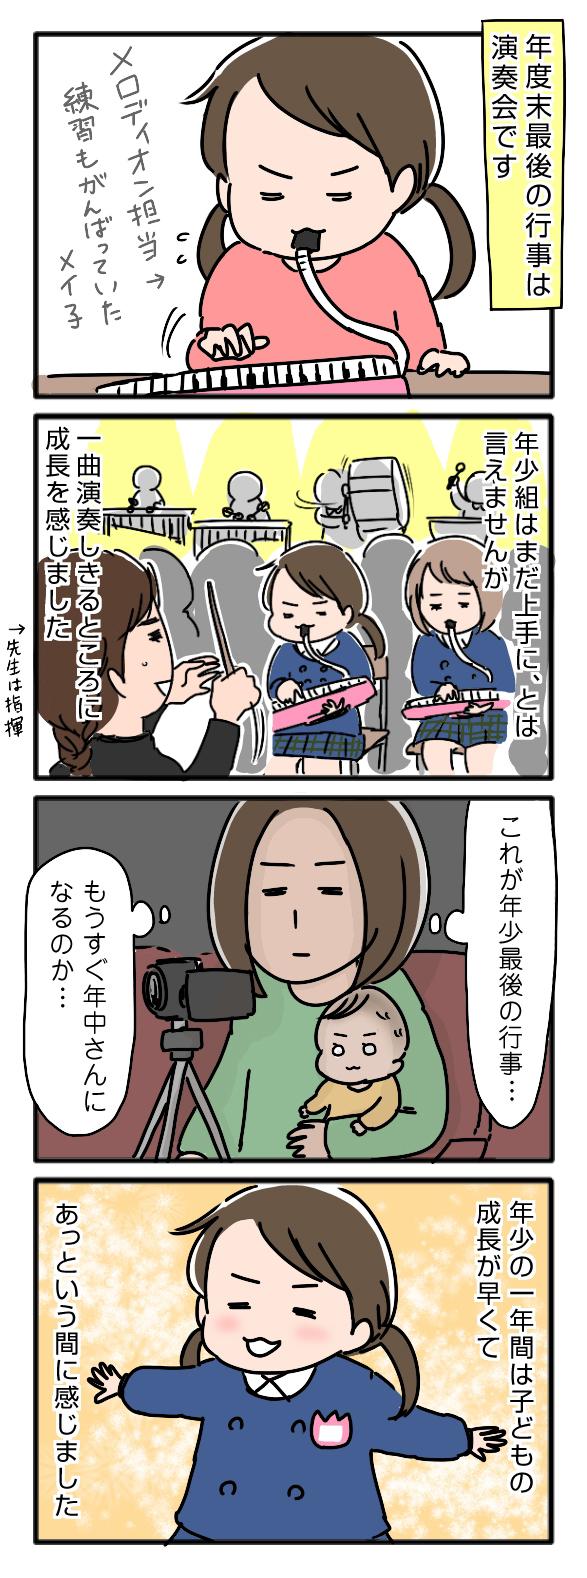 入園から1年…我が子の成長を感じてしみじみ~ 姉ちゃんは育児中 年少編27~ の画像1